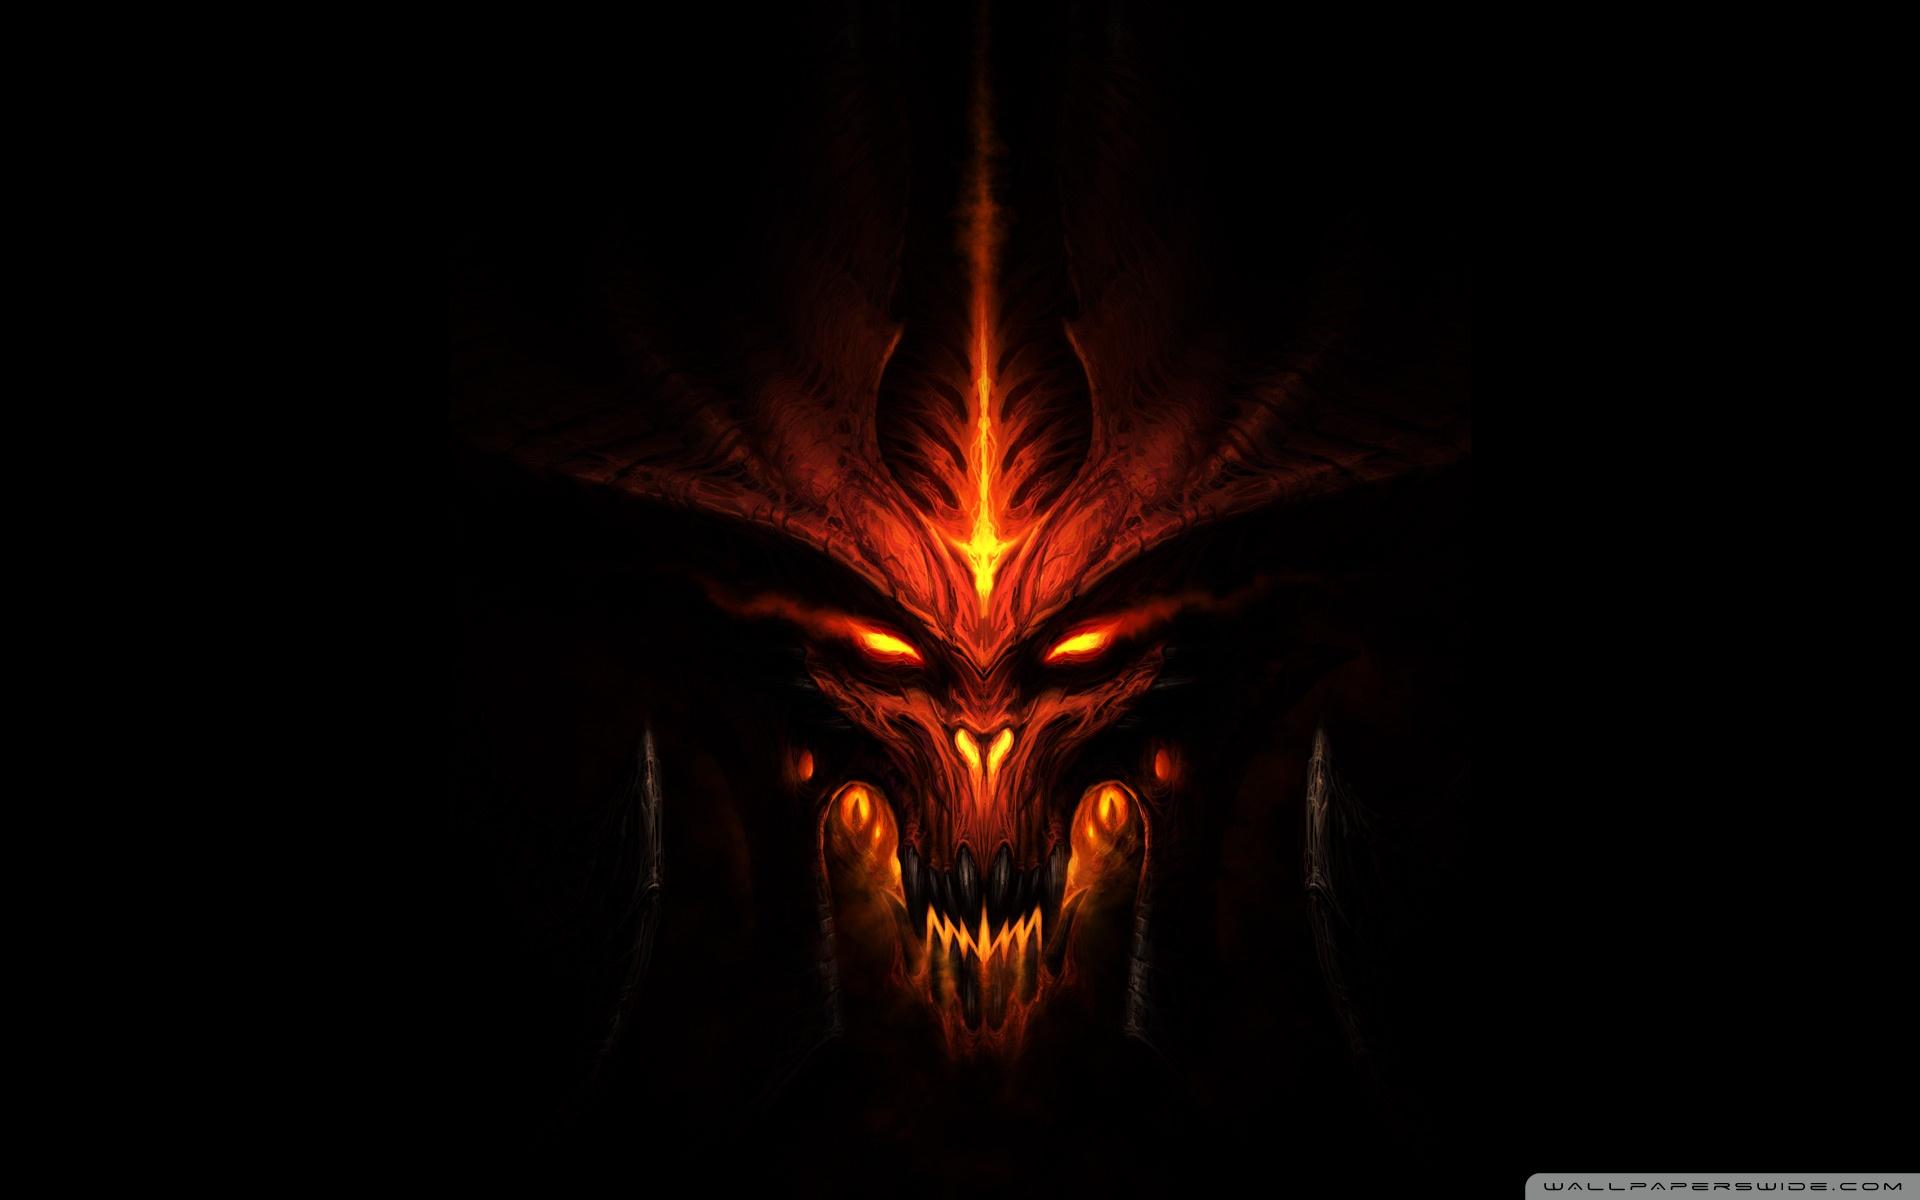 Diablo 3 Fiery HD Wide Wallpaper for Widescreen